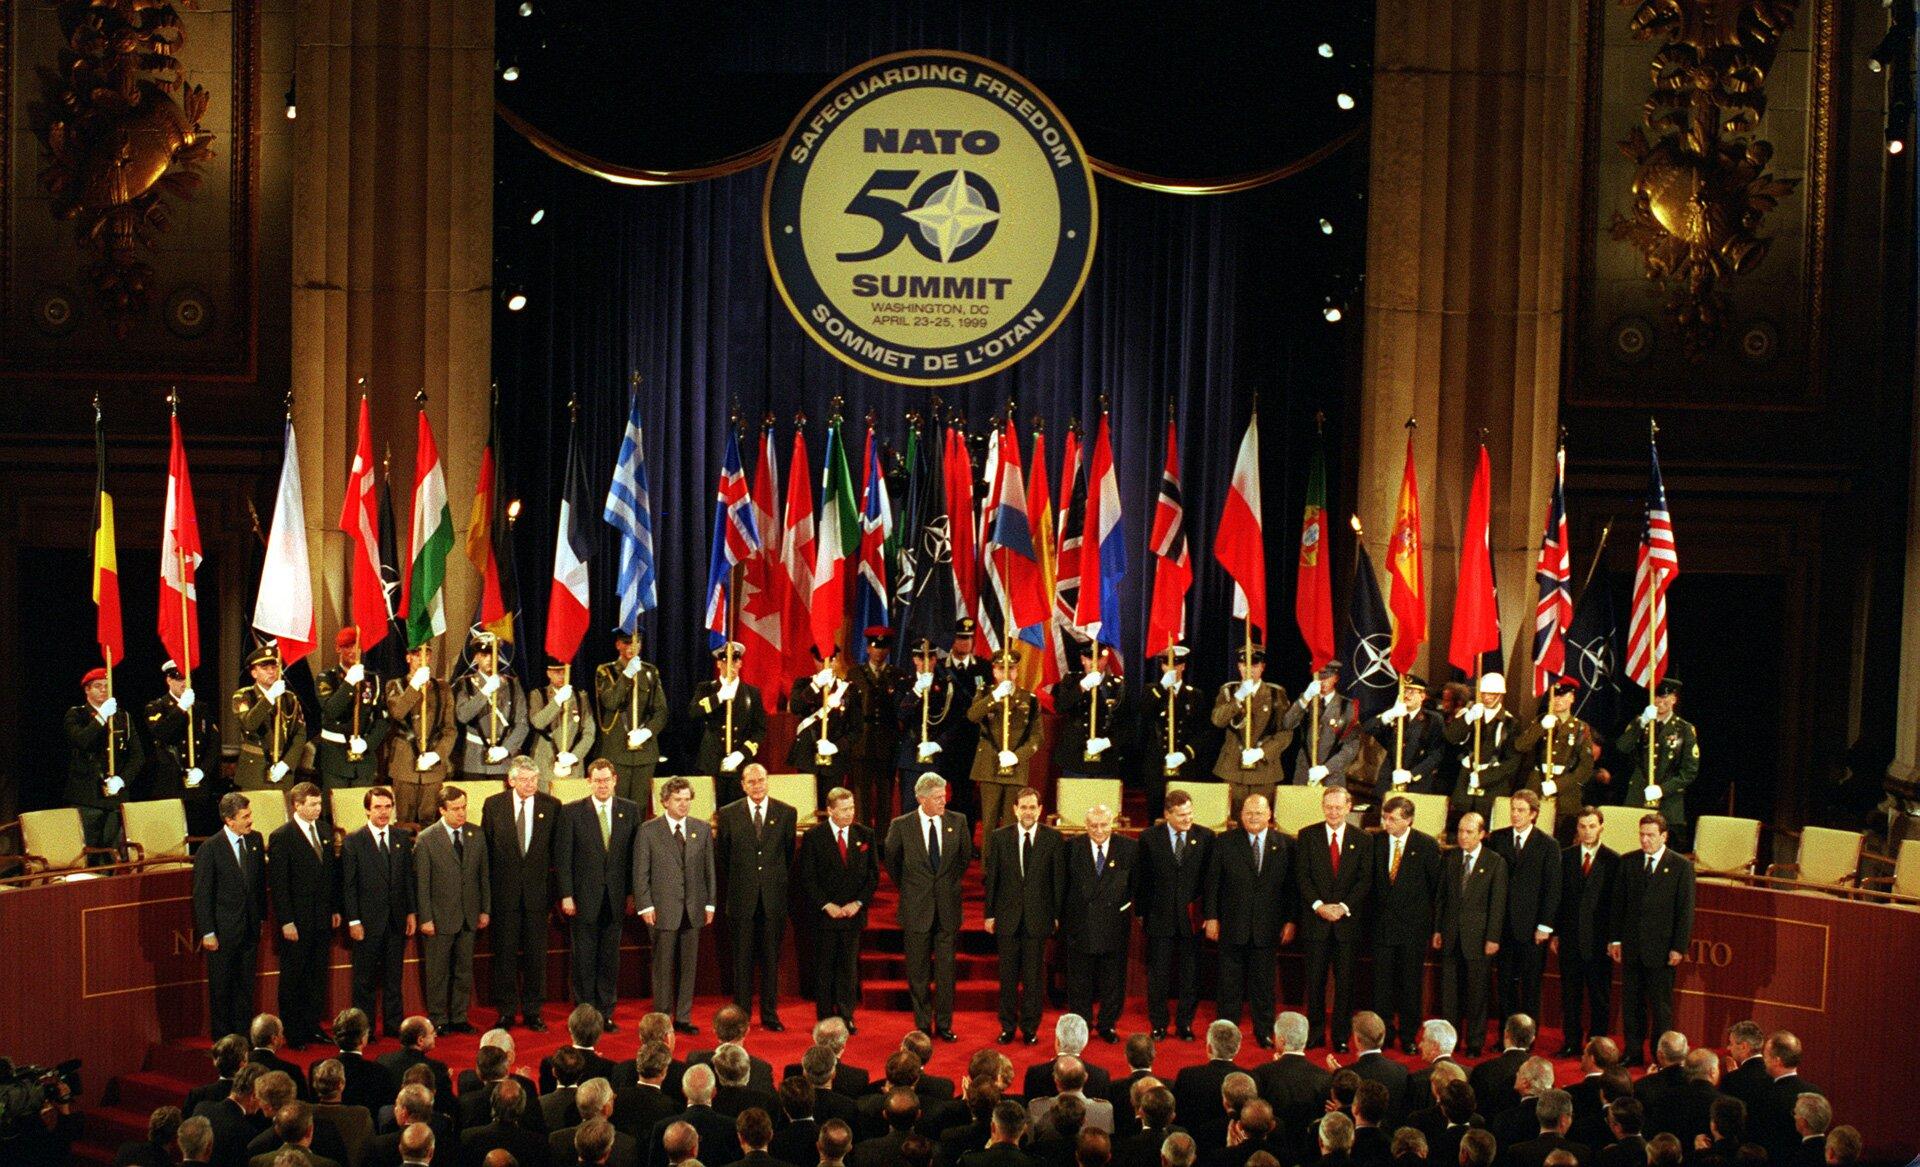 zdjecie przedstawia grupe przywódców państw członkowskich NATO zebranych na szczycie tejorganizacjiwWaszyngtonie w1999 r.